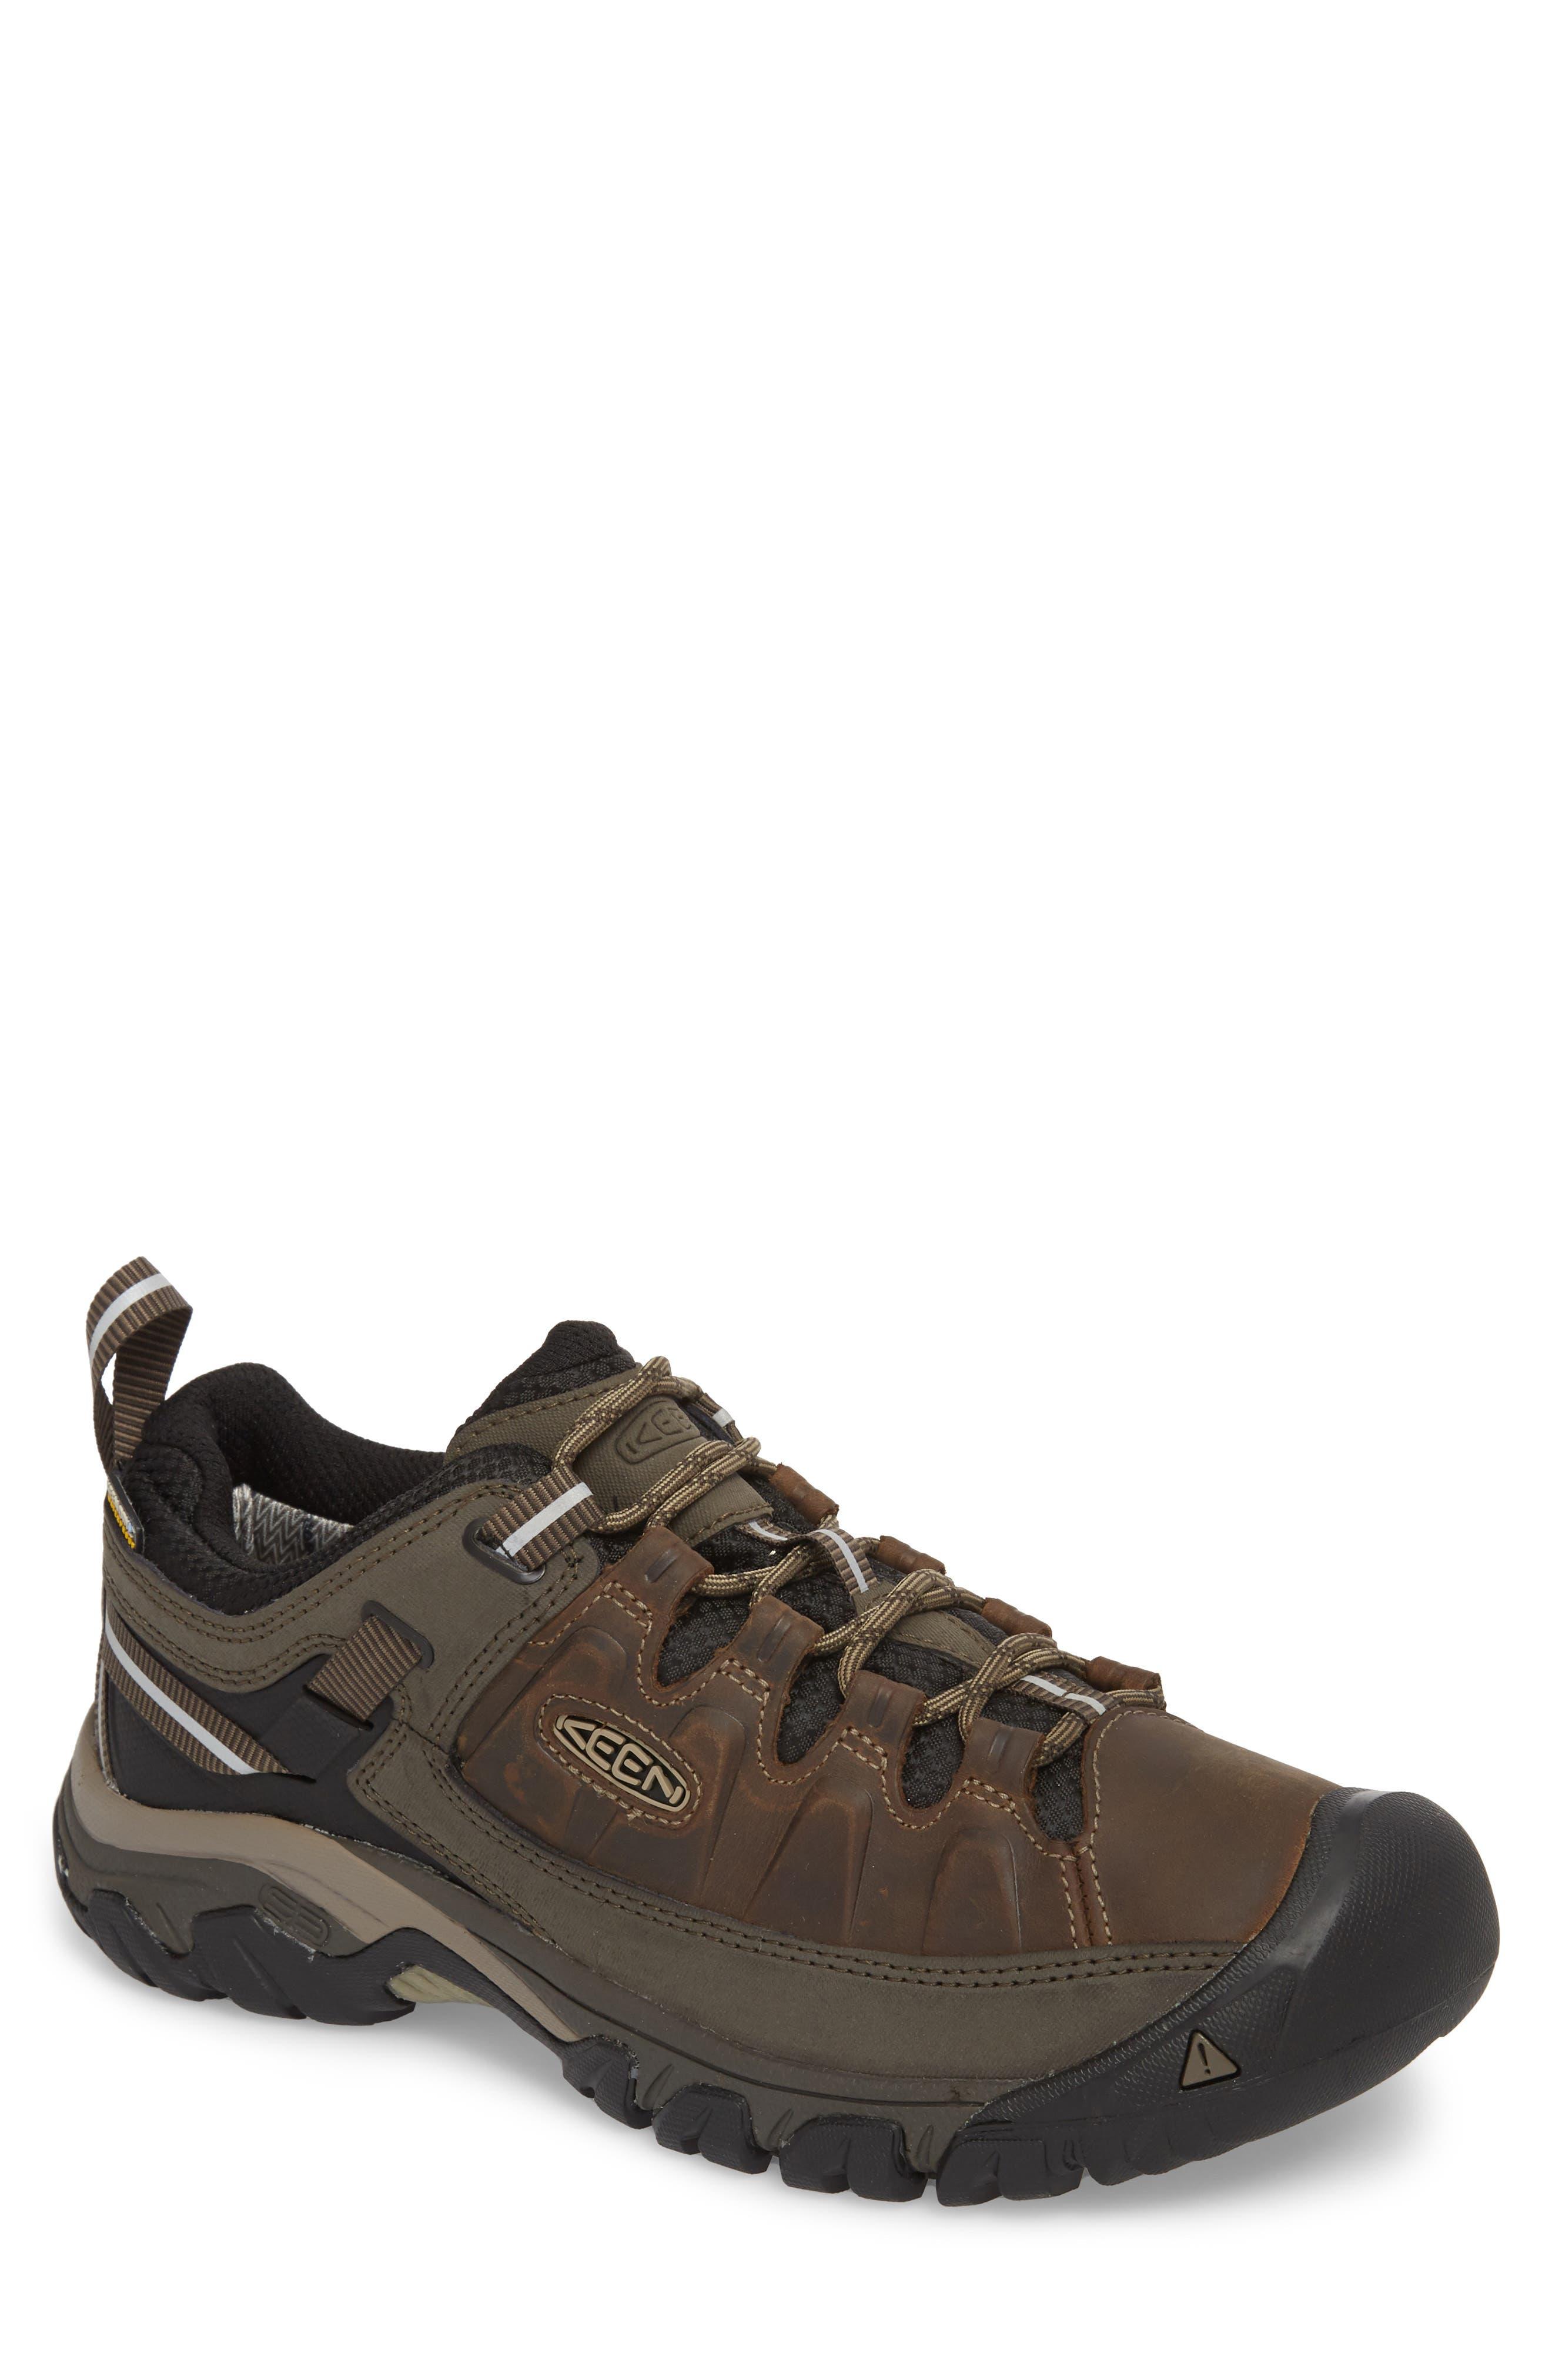 Targhee III Waterproof Hiking Shoe,                         Main,                         color, Bungee Cord/Black